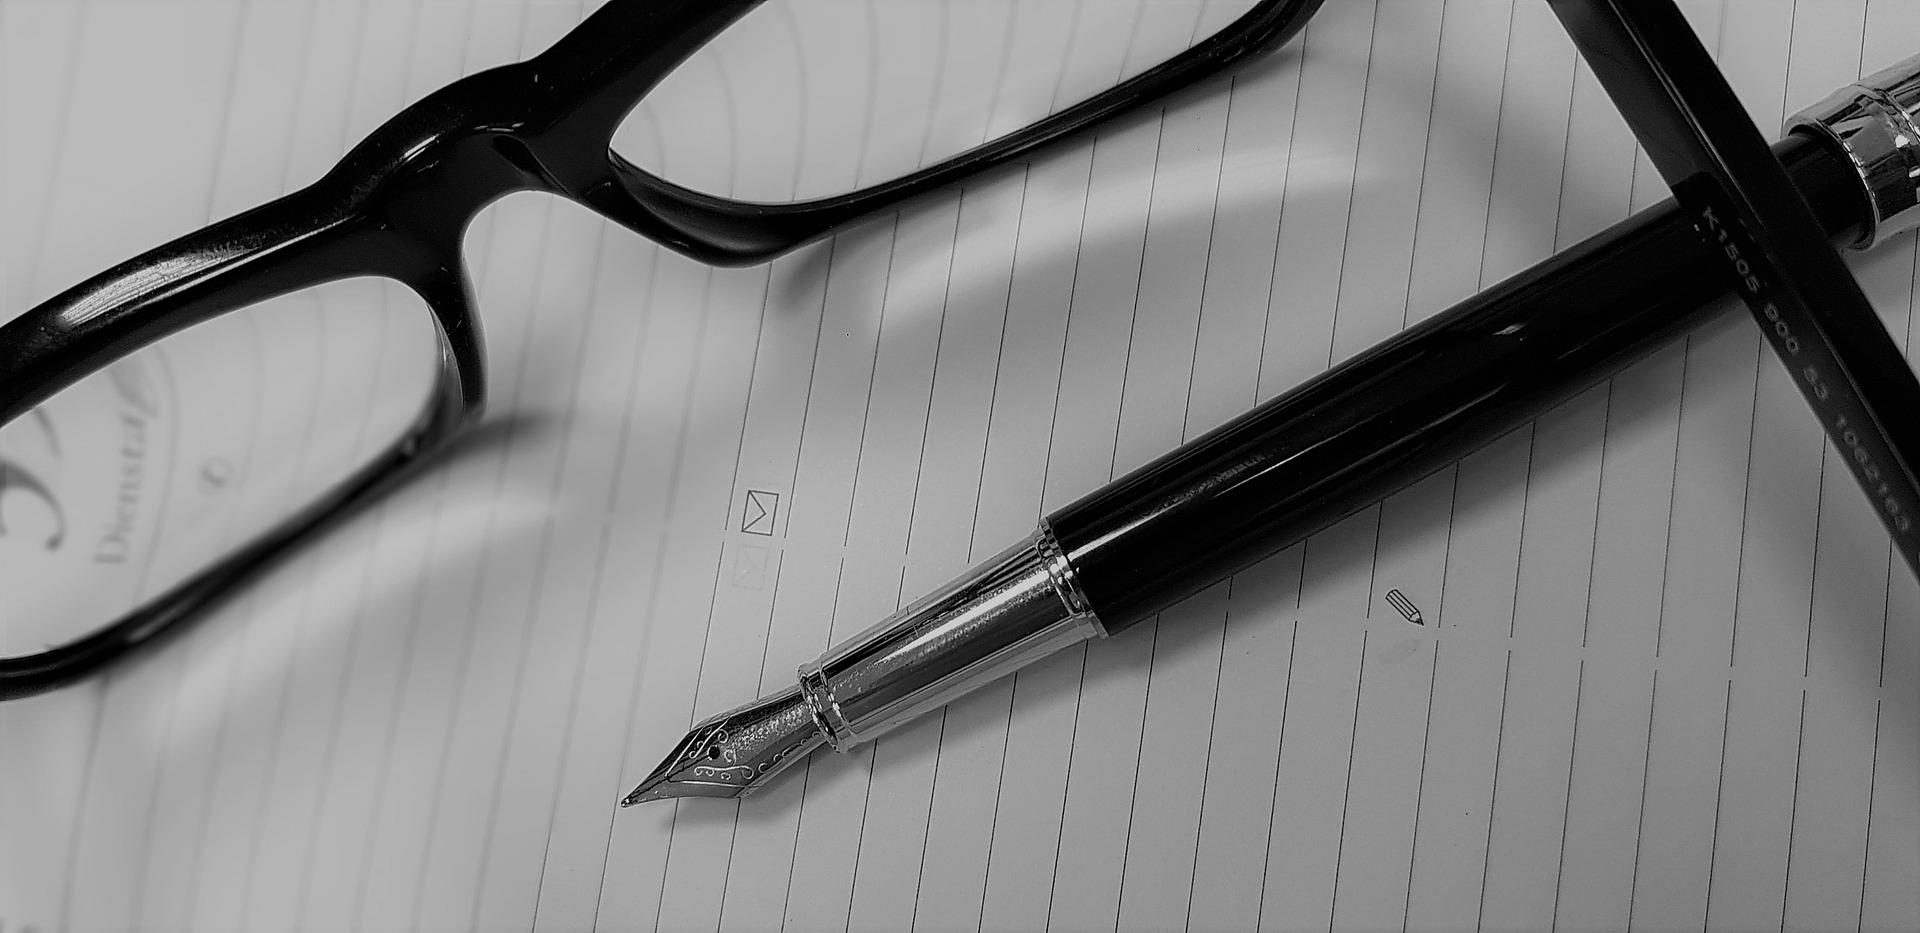 falsche Einträge kannst du einfach mit einem Musterbrief bei der SCHUFA löschen lassen